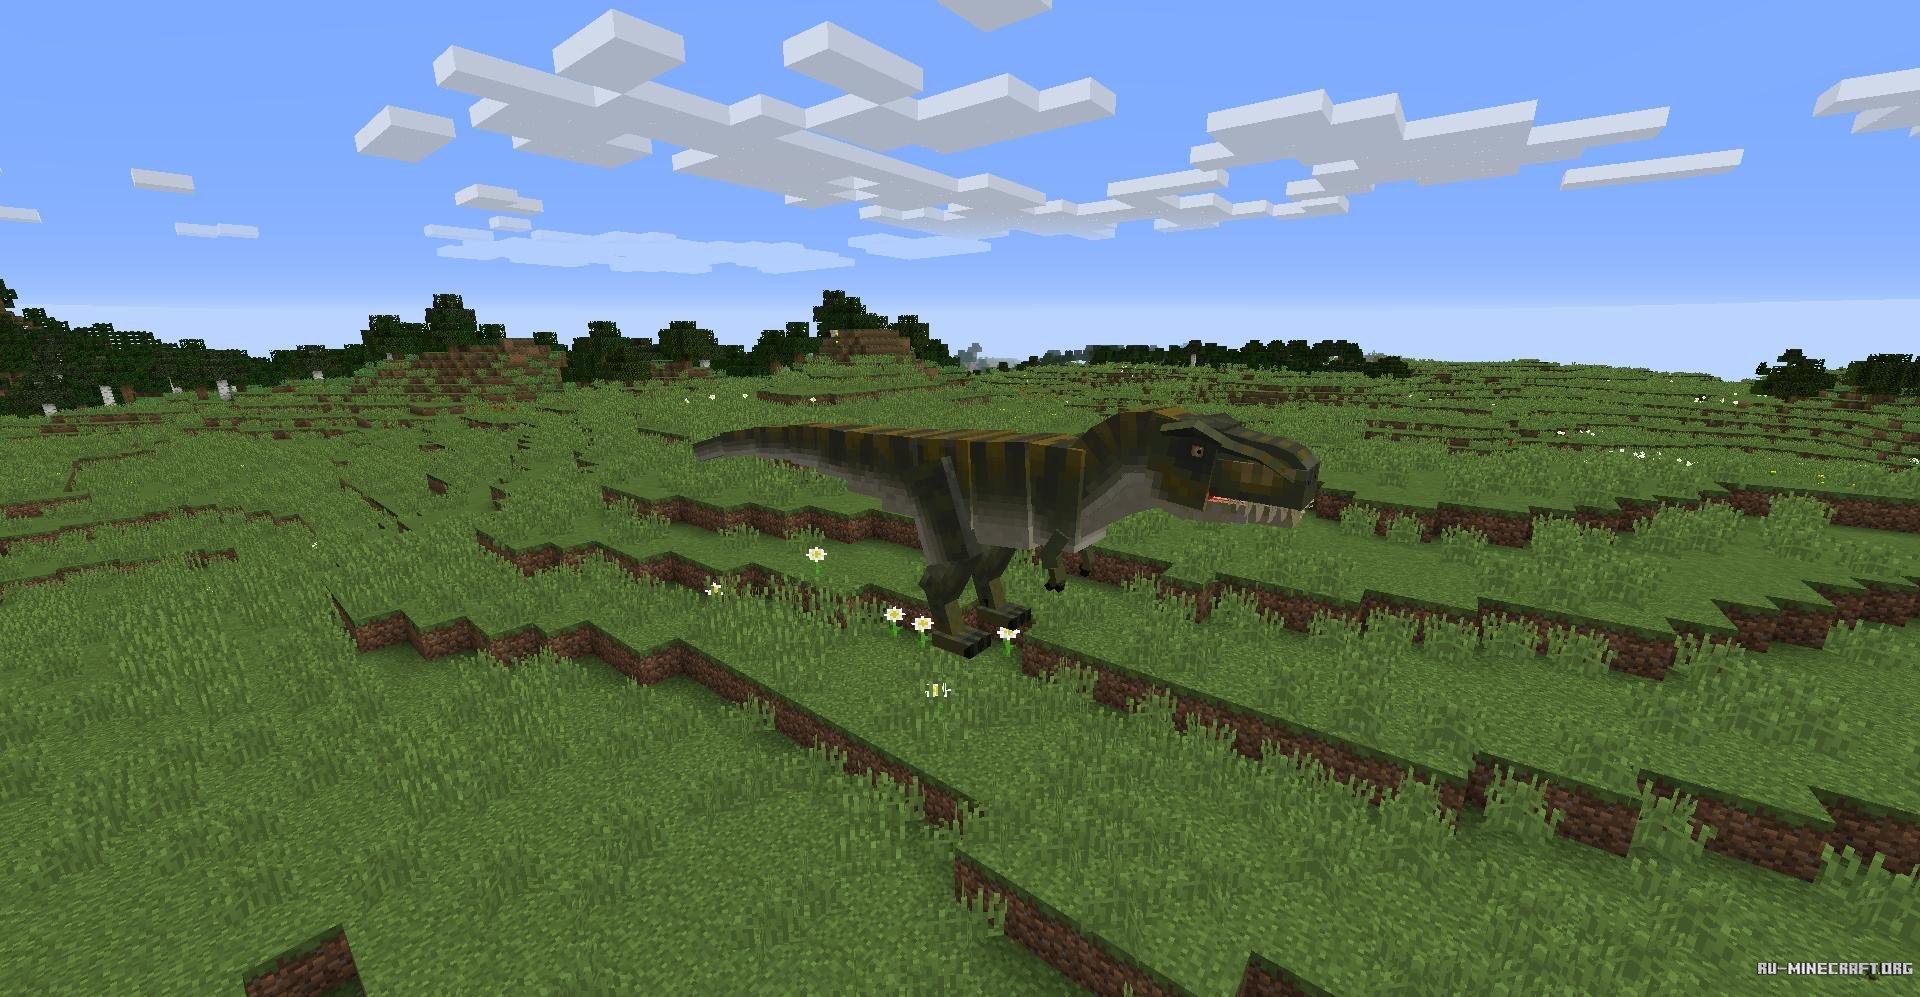 мод на динозавров в майнкрафт 1.7.10 #3